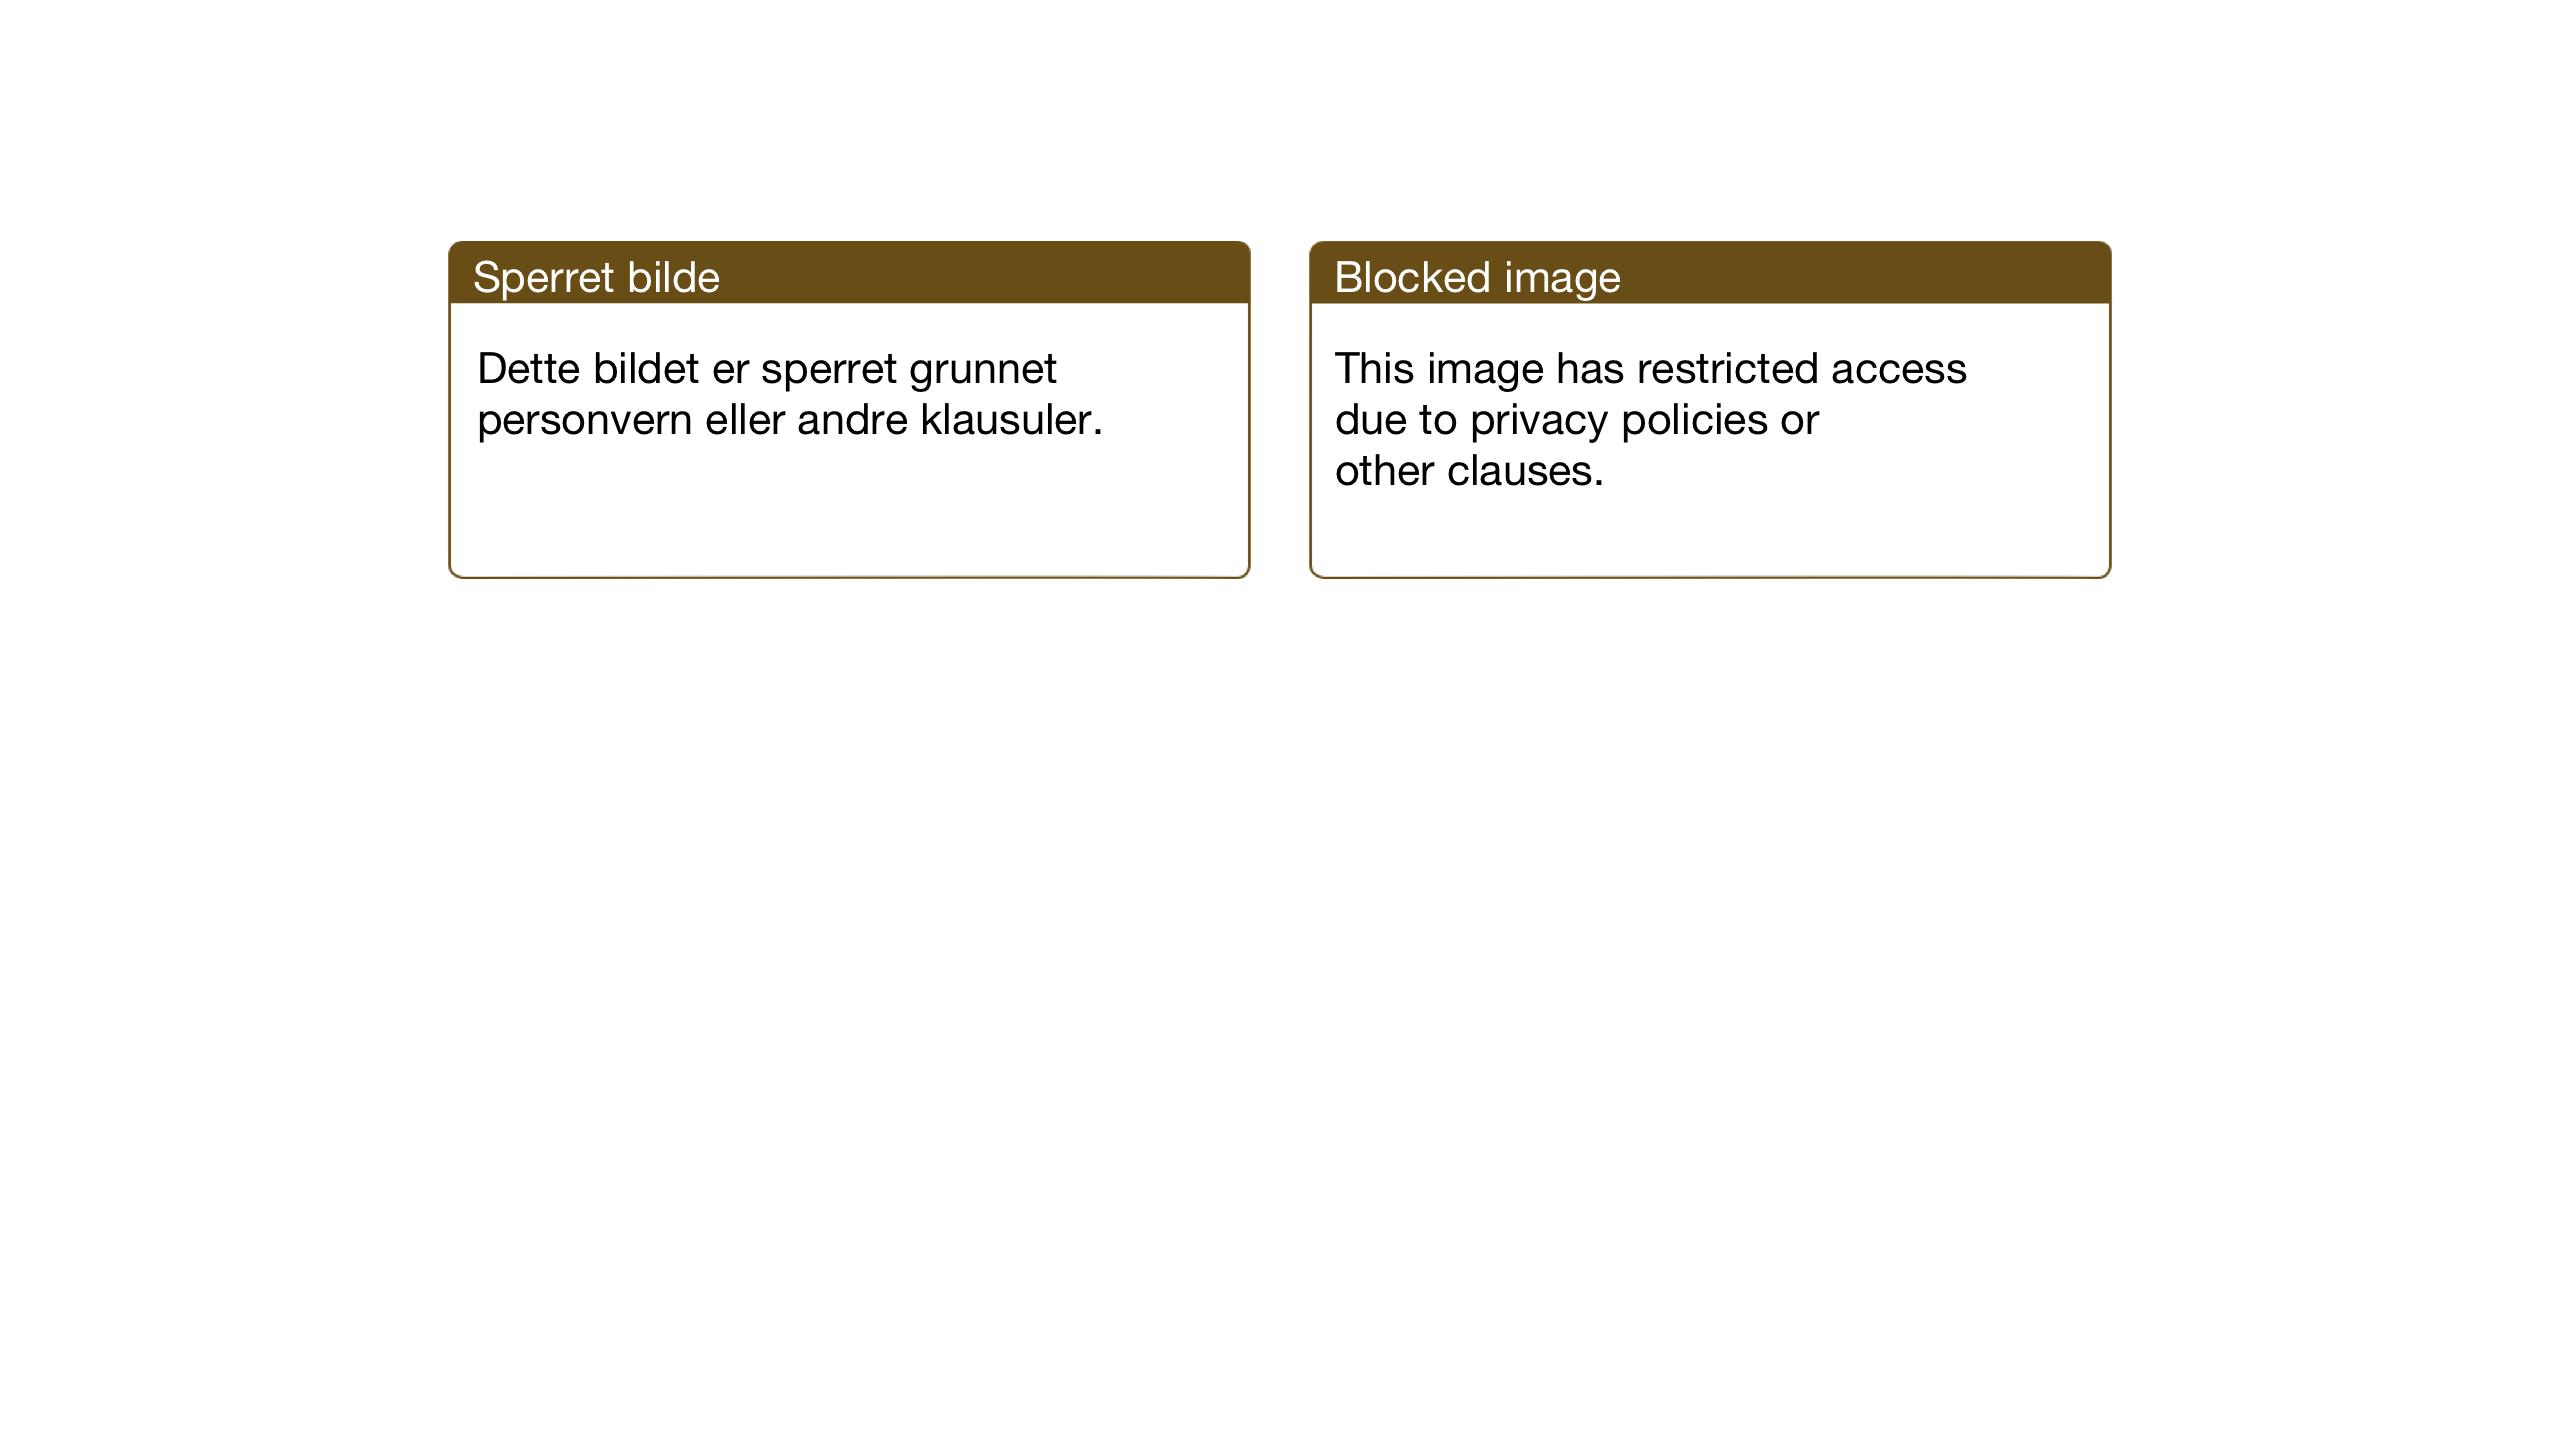 SAT, Ministerialprotokoller, klokkerbøker og fødselsregistre - Sør-Trøndelag, 608/L0343: Klokkerbok nr. 608C09, 1938-1952, s. 13